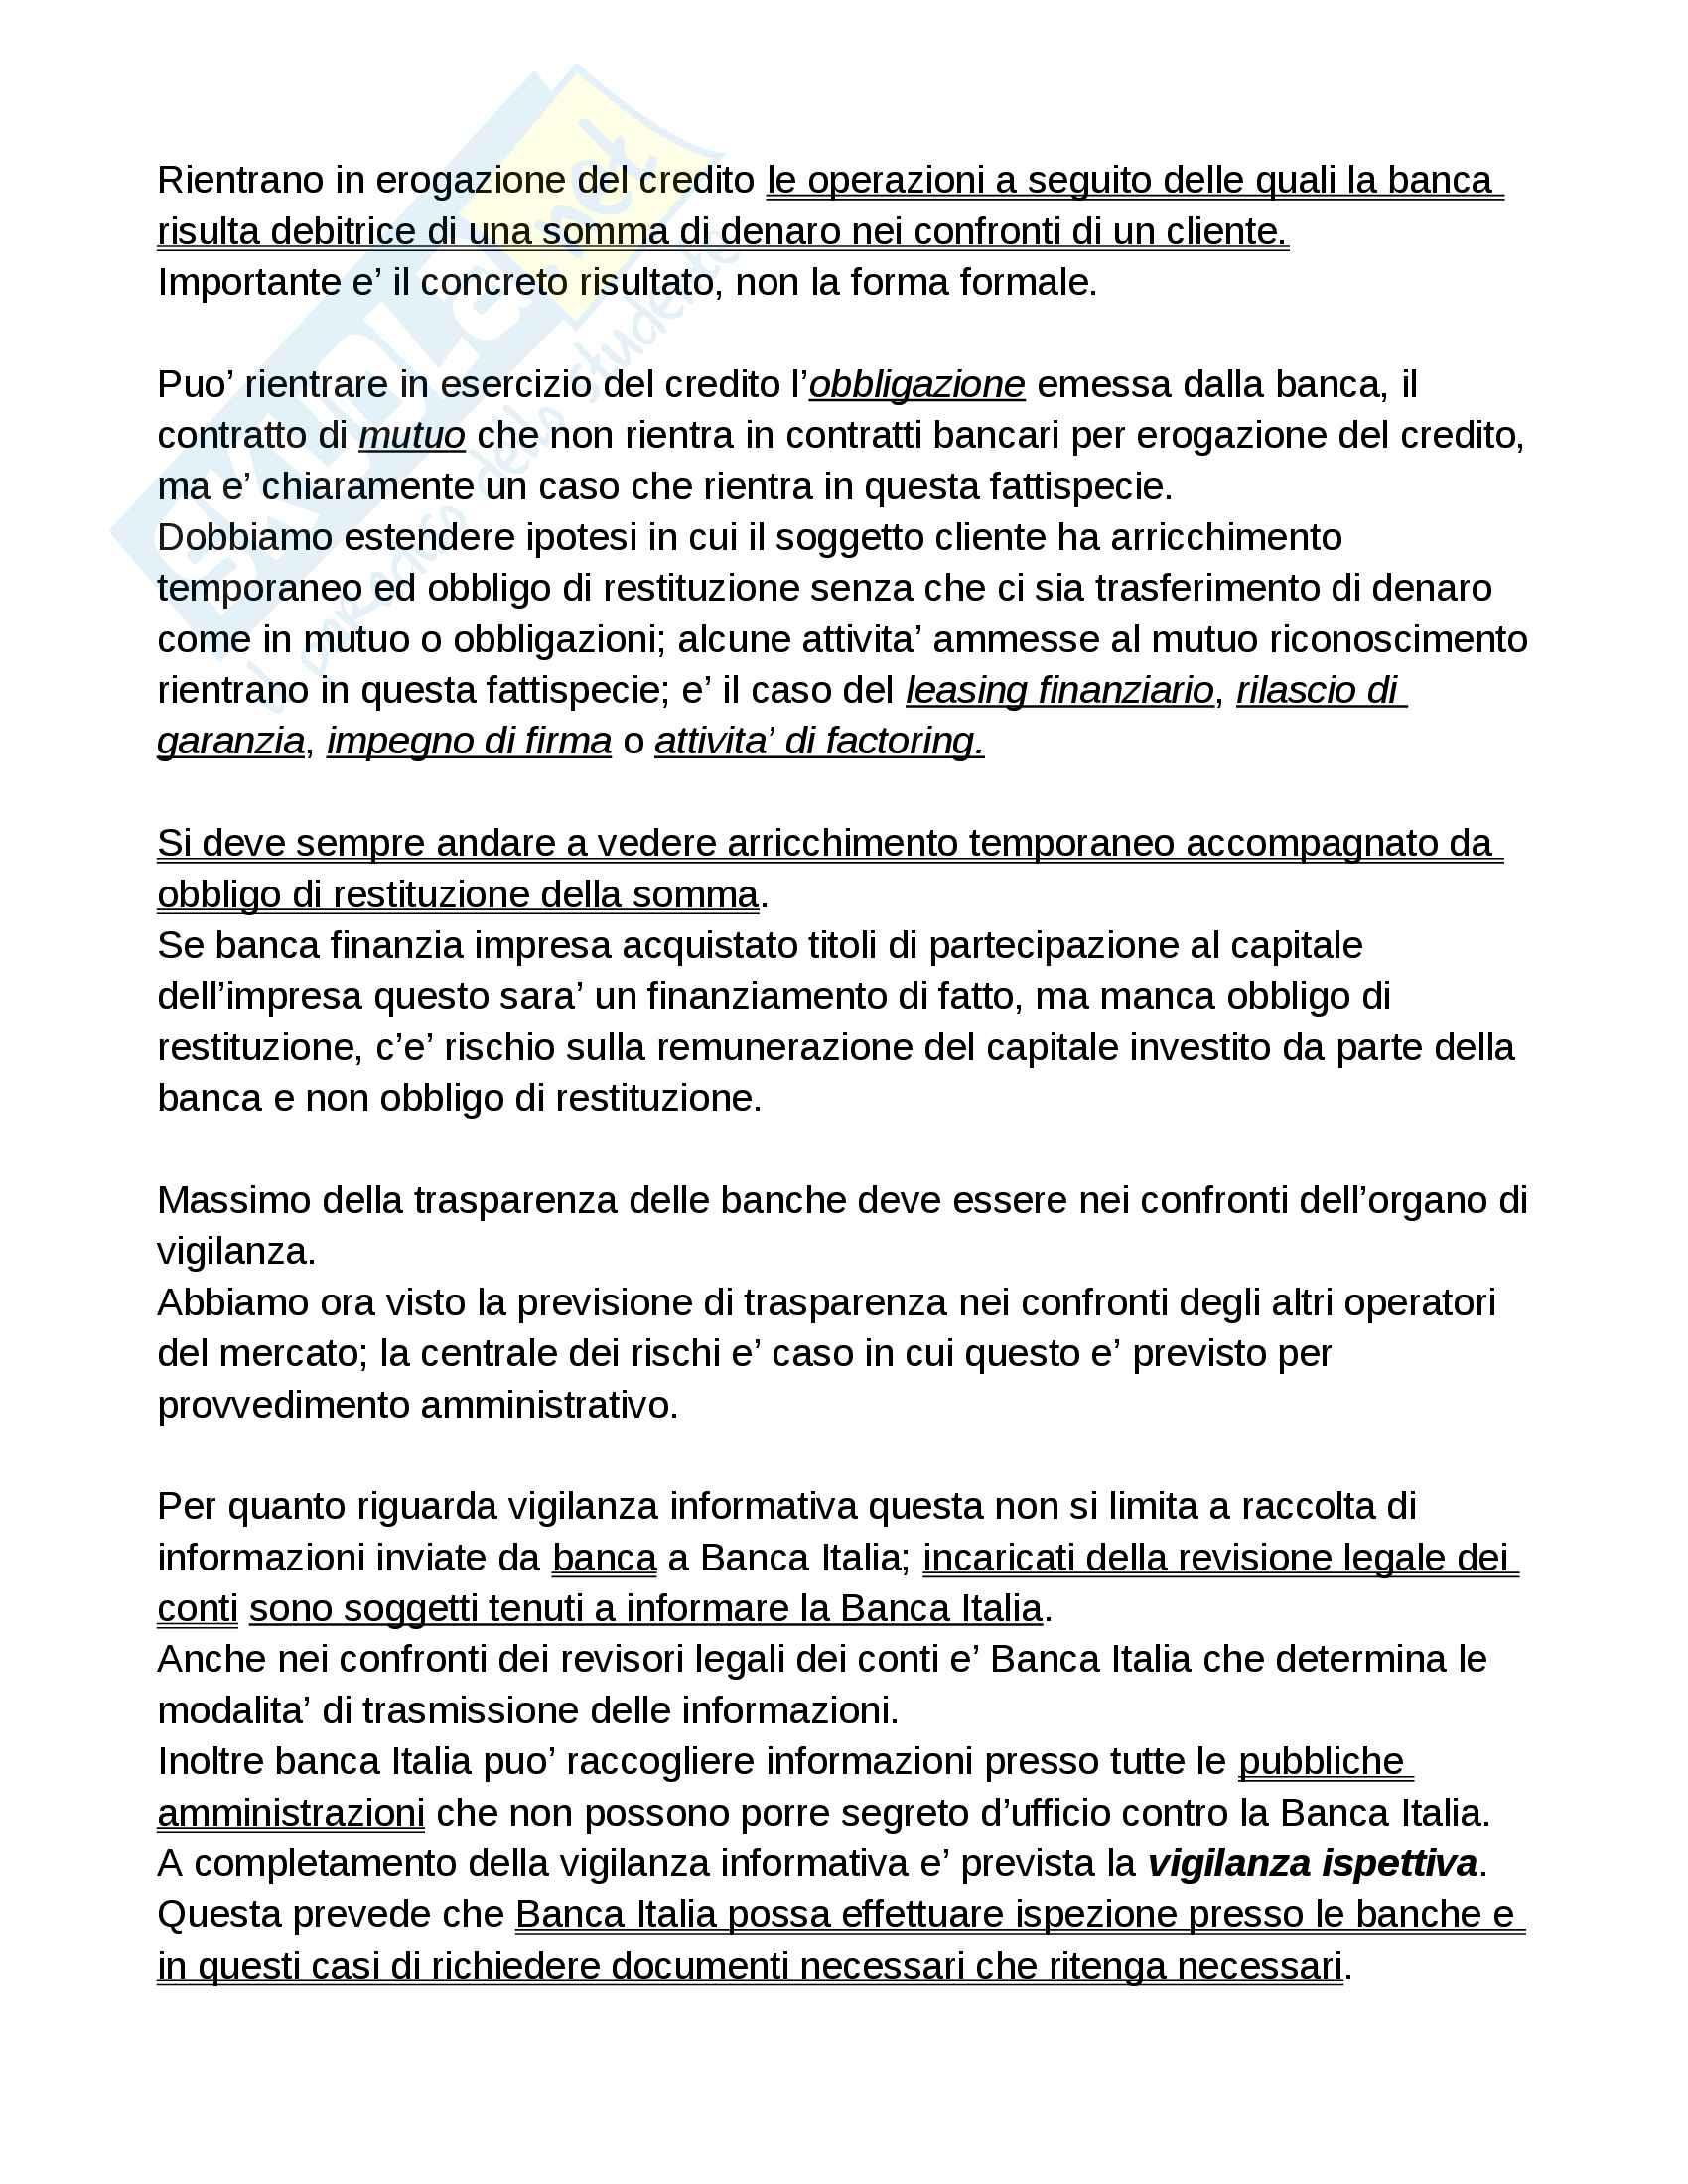 Diritto bancario completo Pag. 101